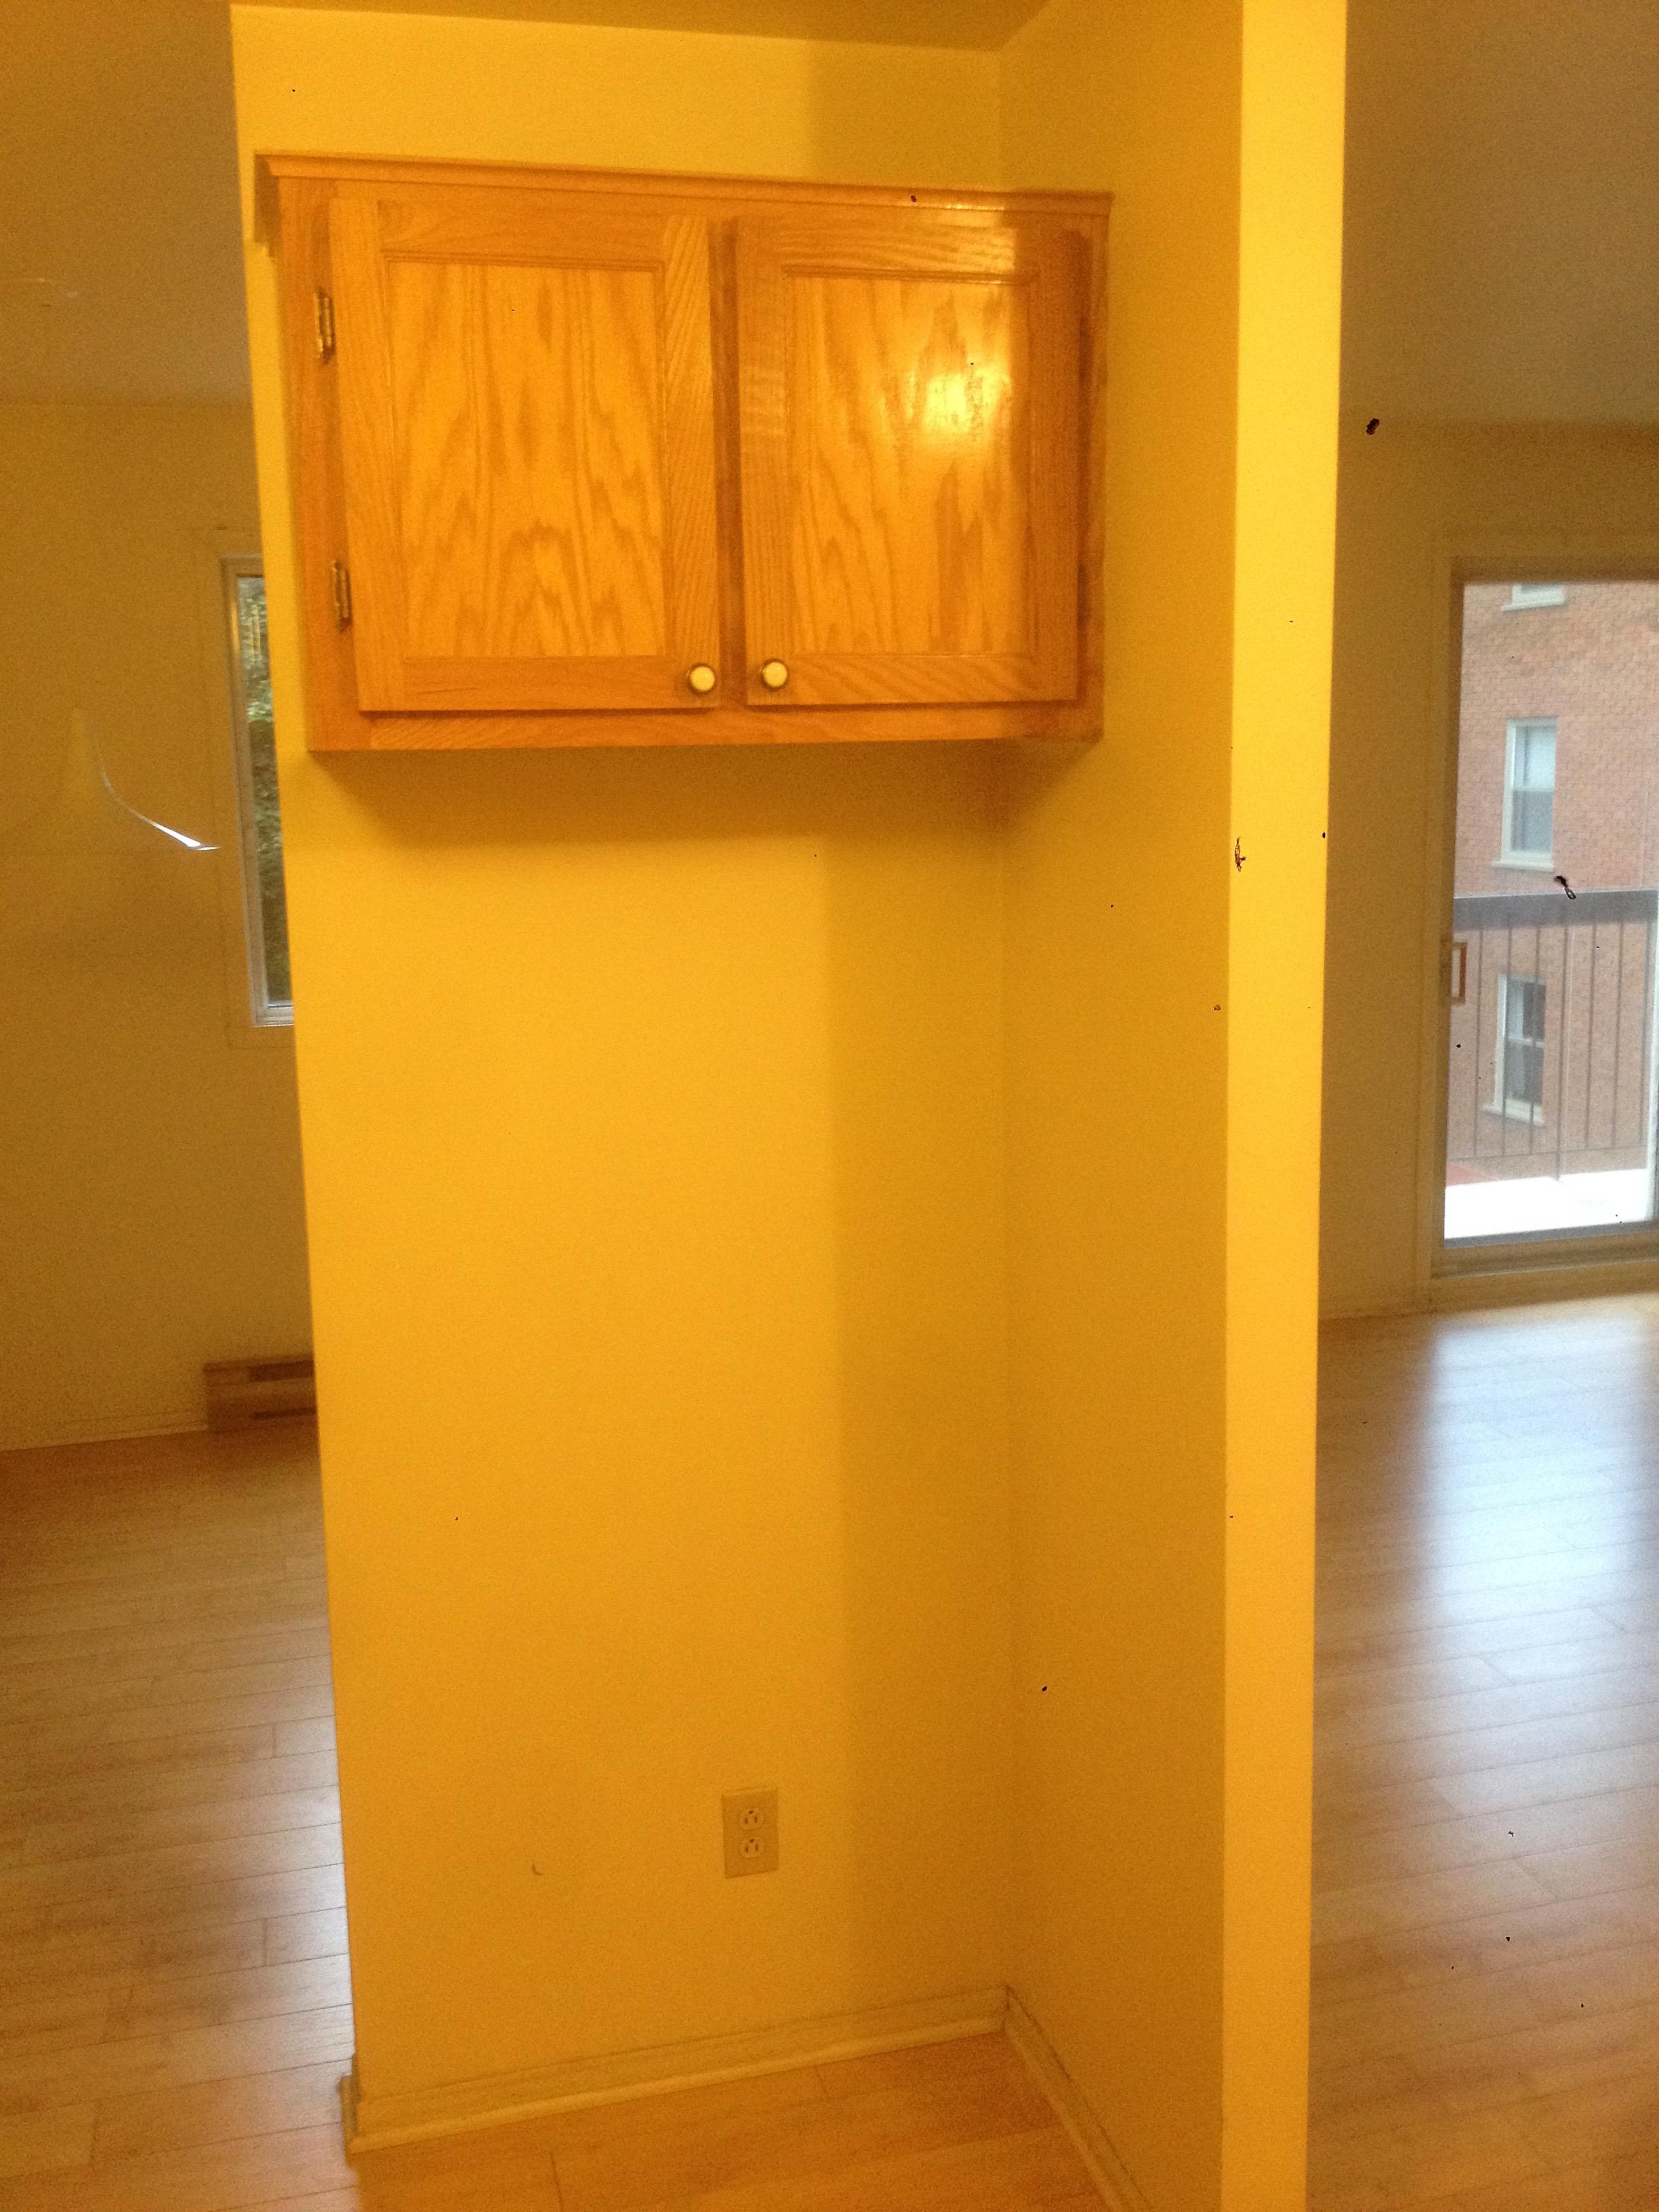 2 bedroom Apartments for rent in Sainte-Anne-de-Bellevue at Maple - Photo 07 - RentersPages – L112103